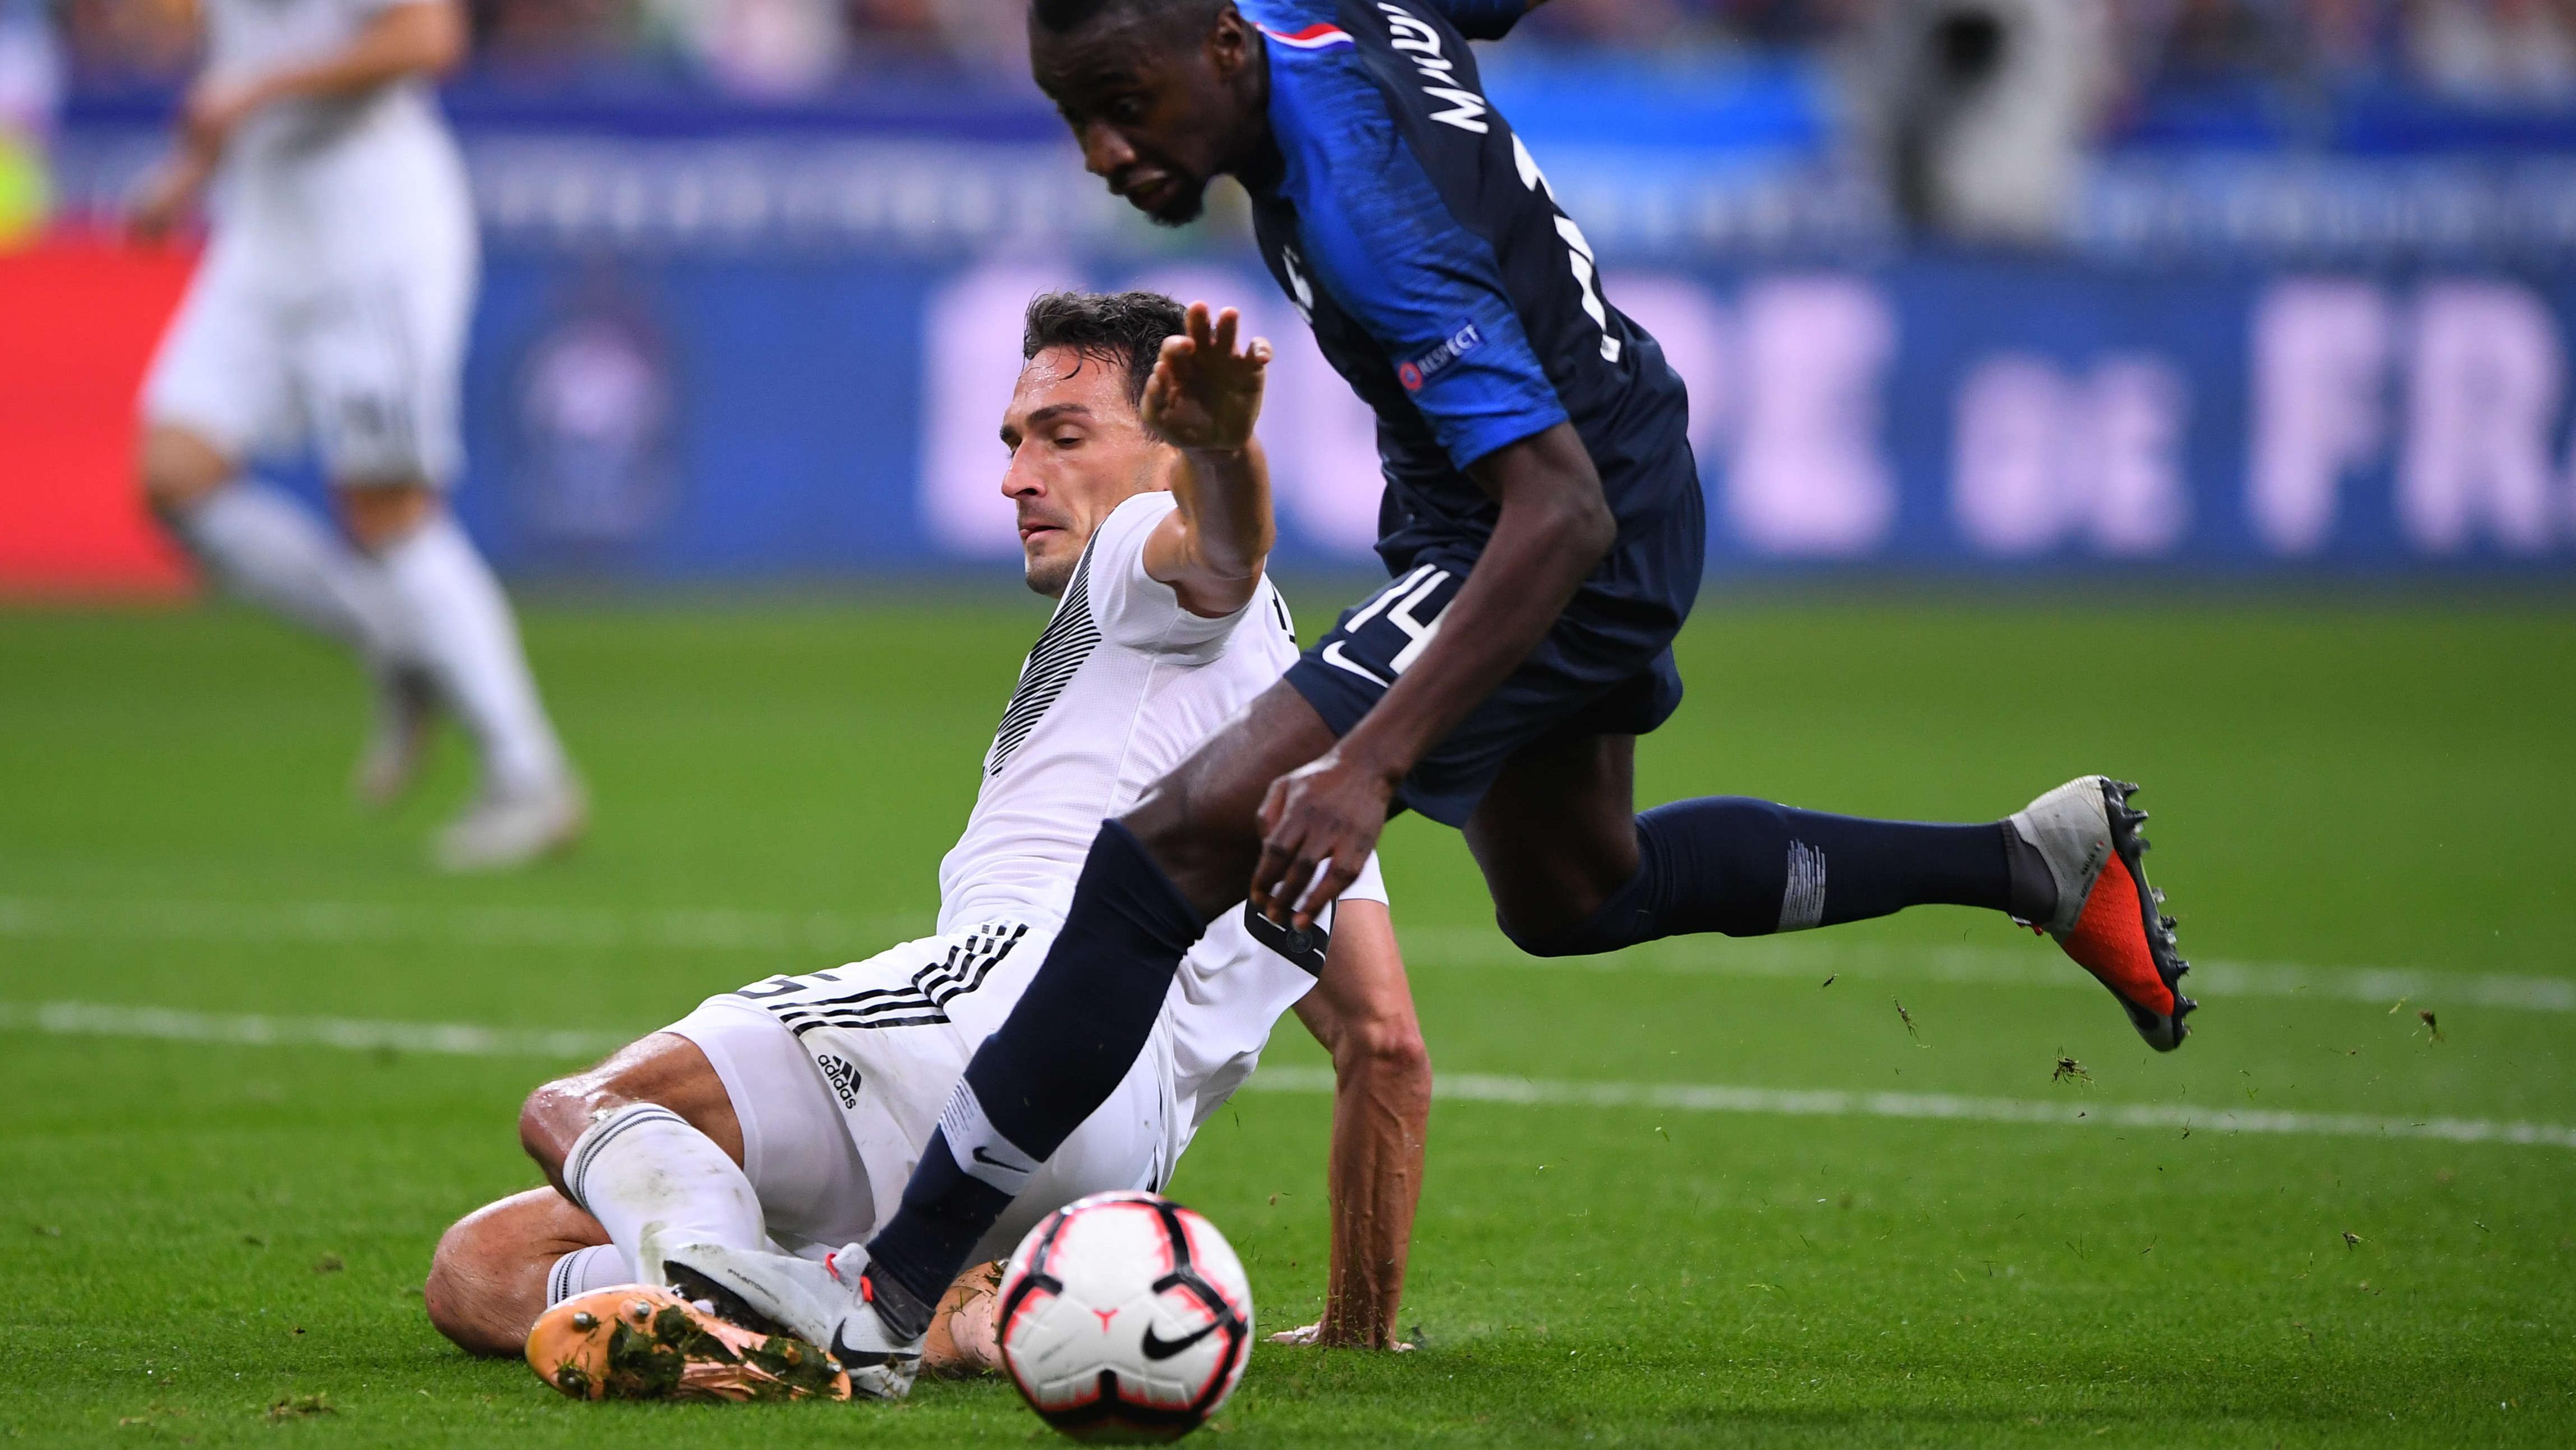 Zweikampf zwischen Mats Hummels (links) und Blaise Matuidi, der zum Foulelfmeter für Frankreich führt